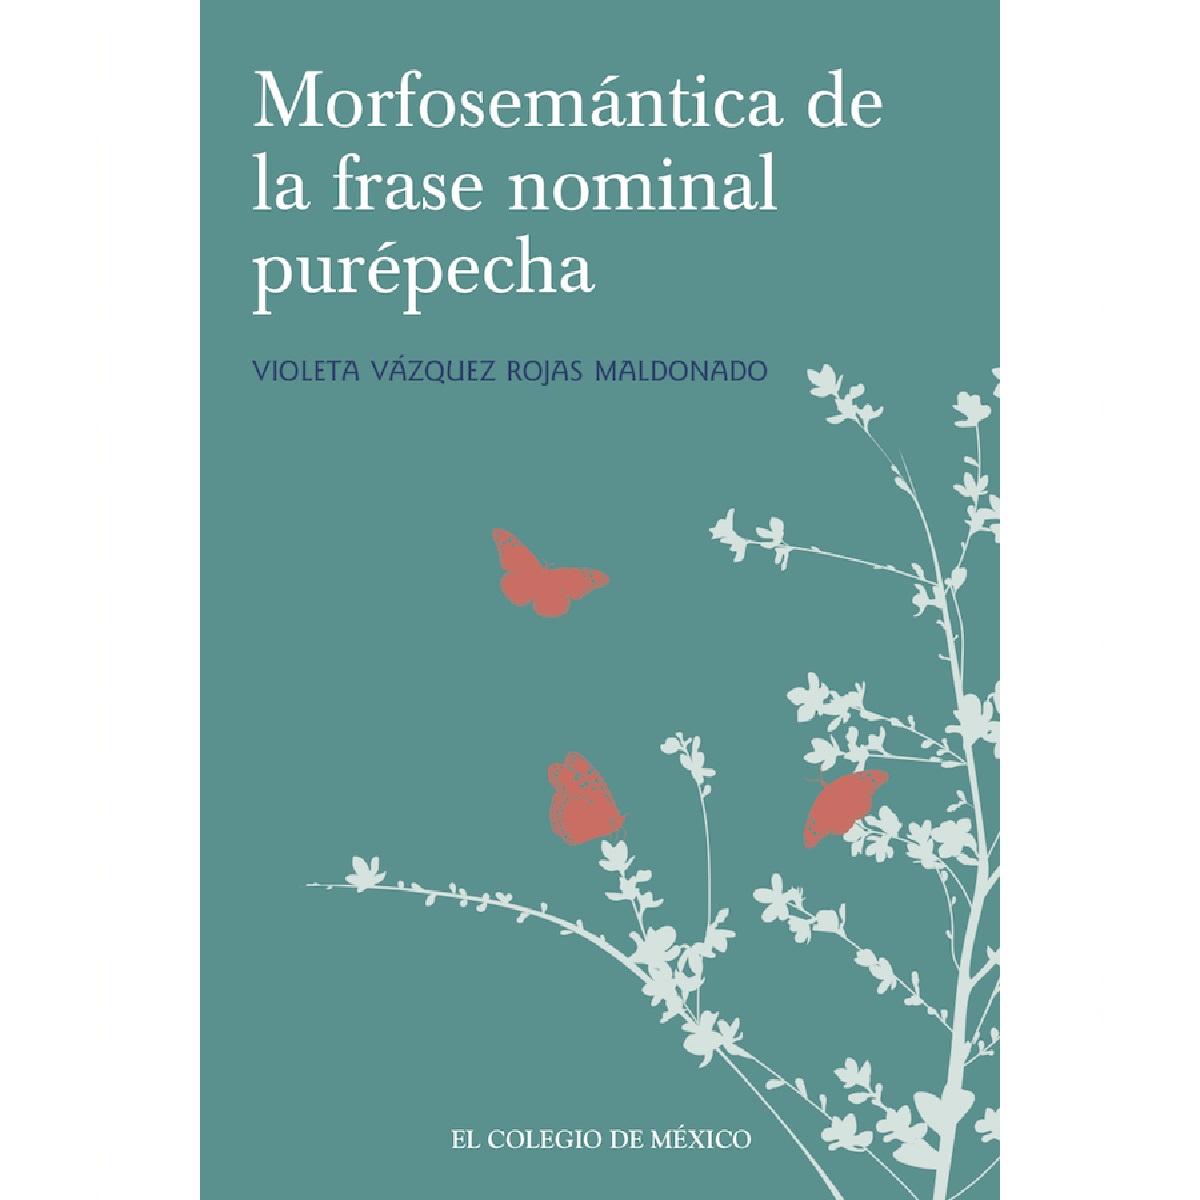 Morfosemántica en la fase nominal purépecha